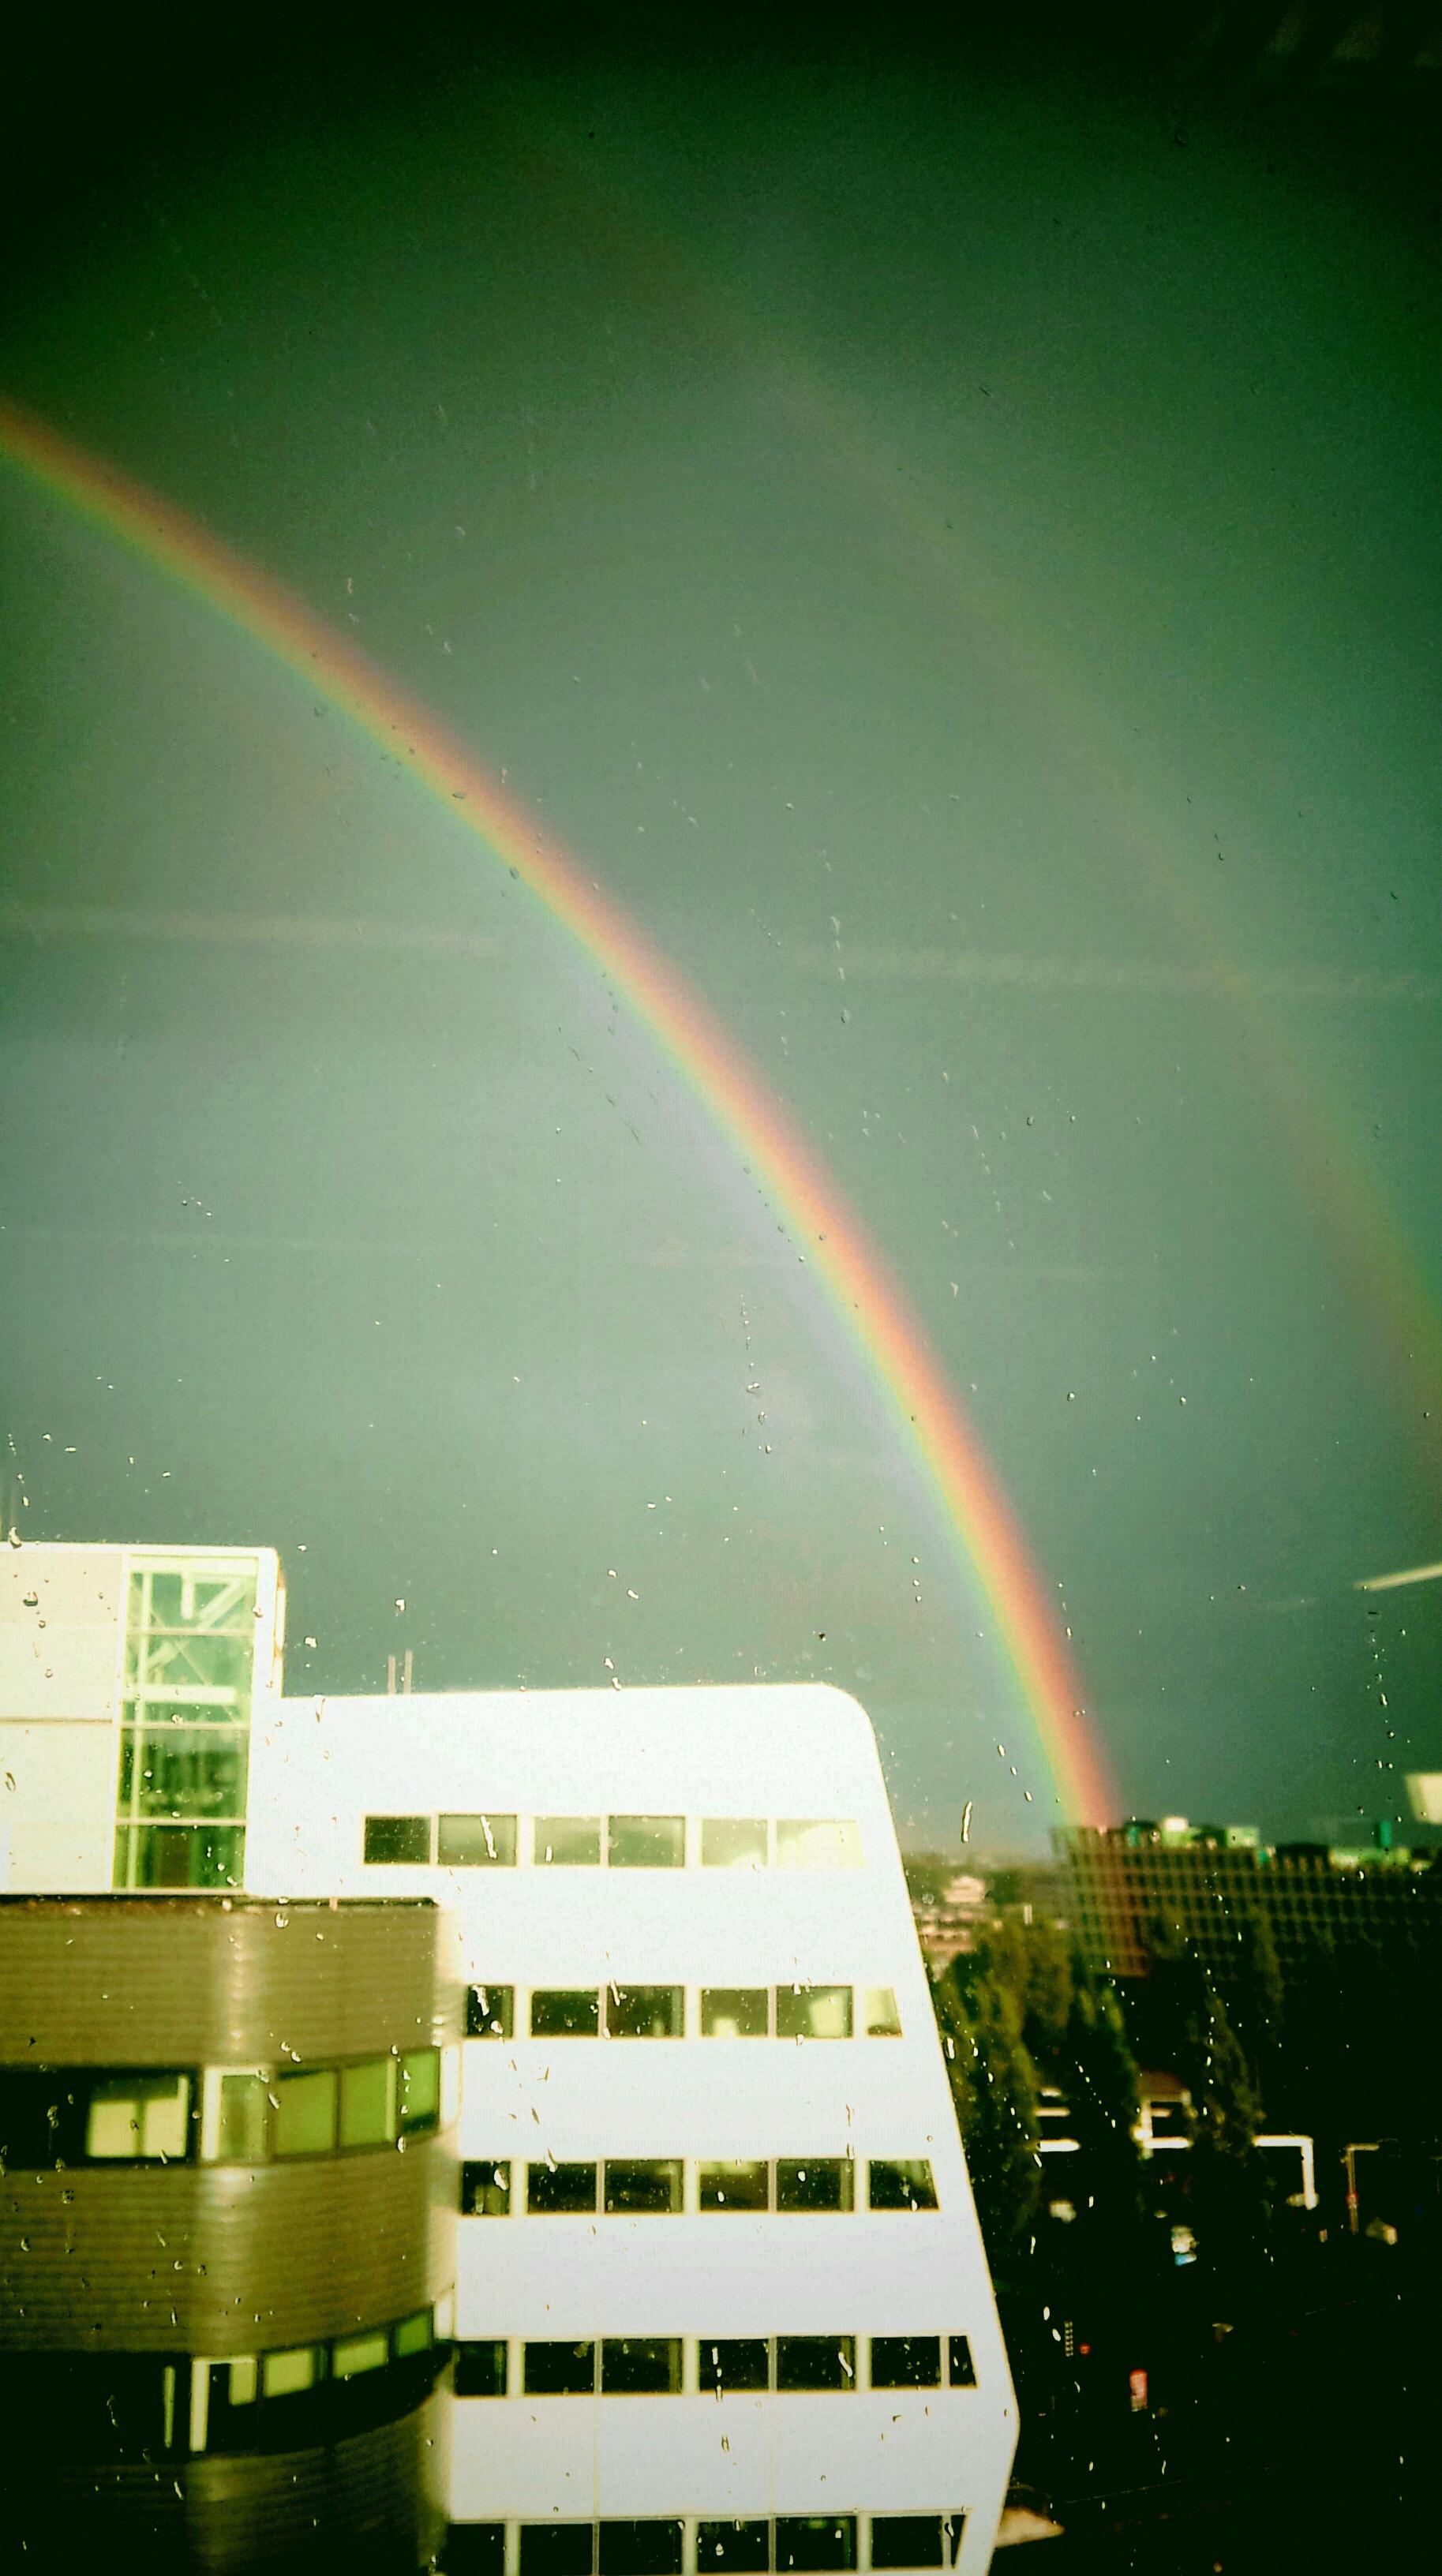 Vette dubbele regenboog in A'dam @ 18-09-2012 18:43u